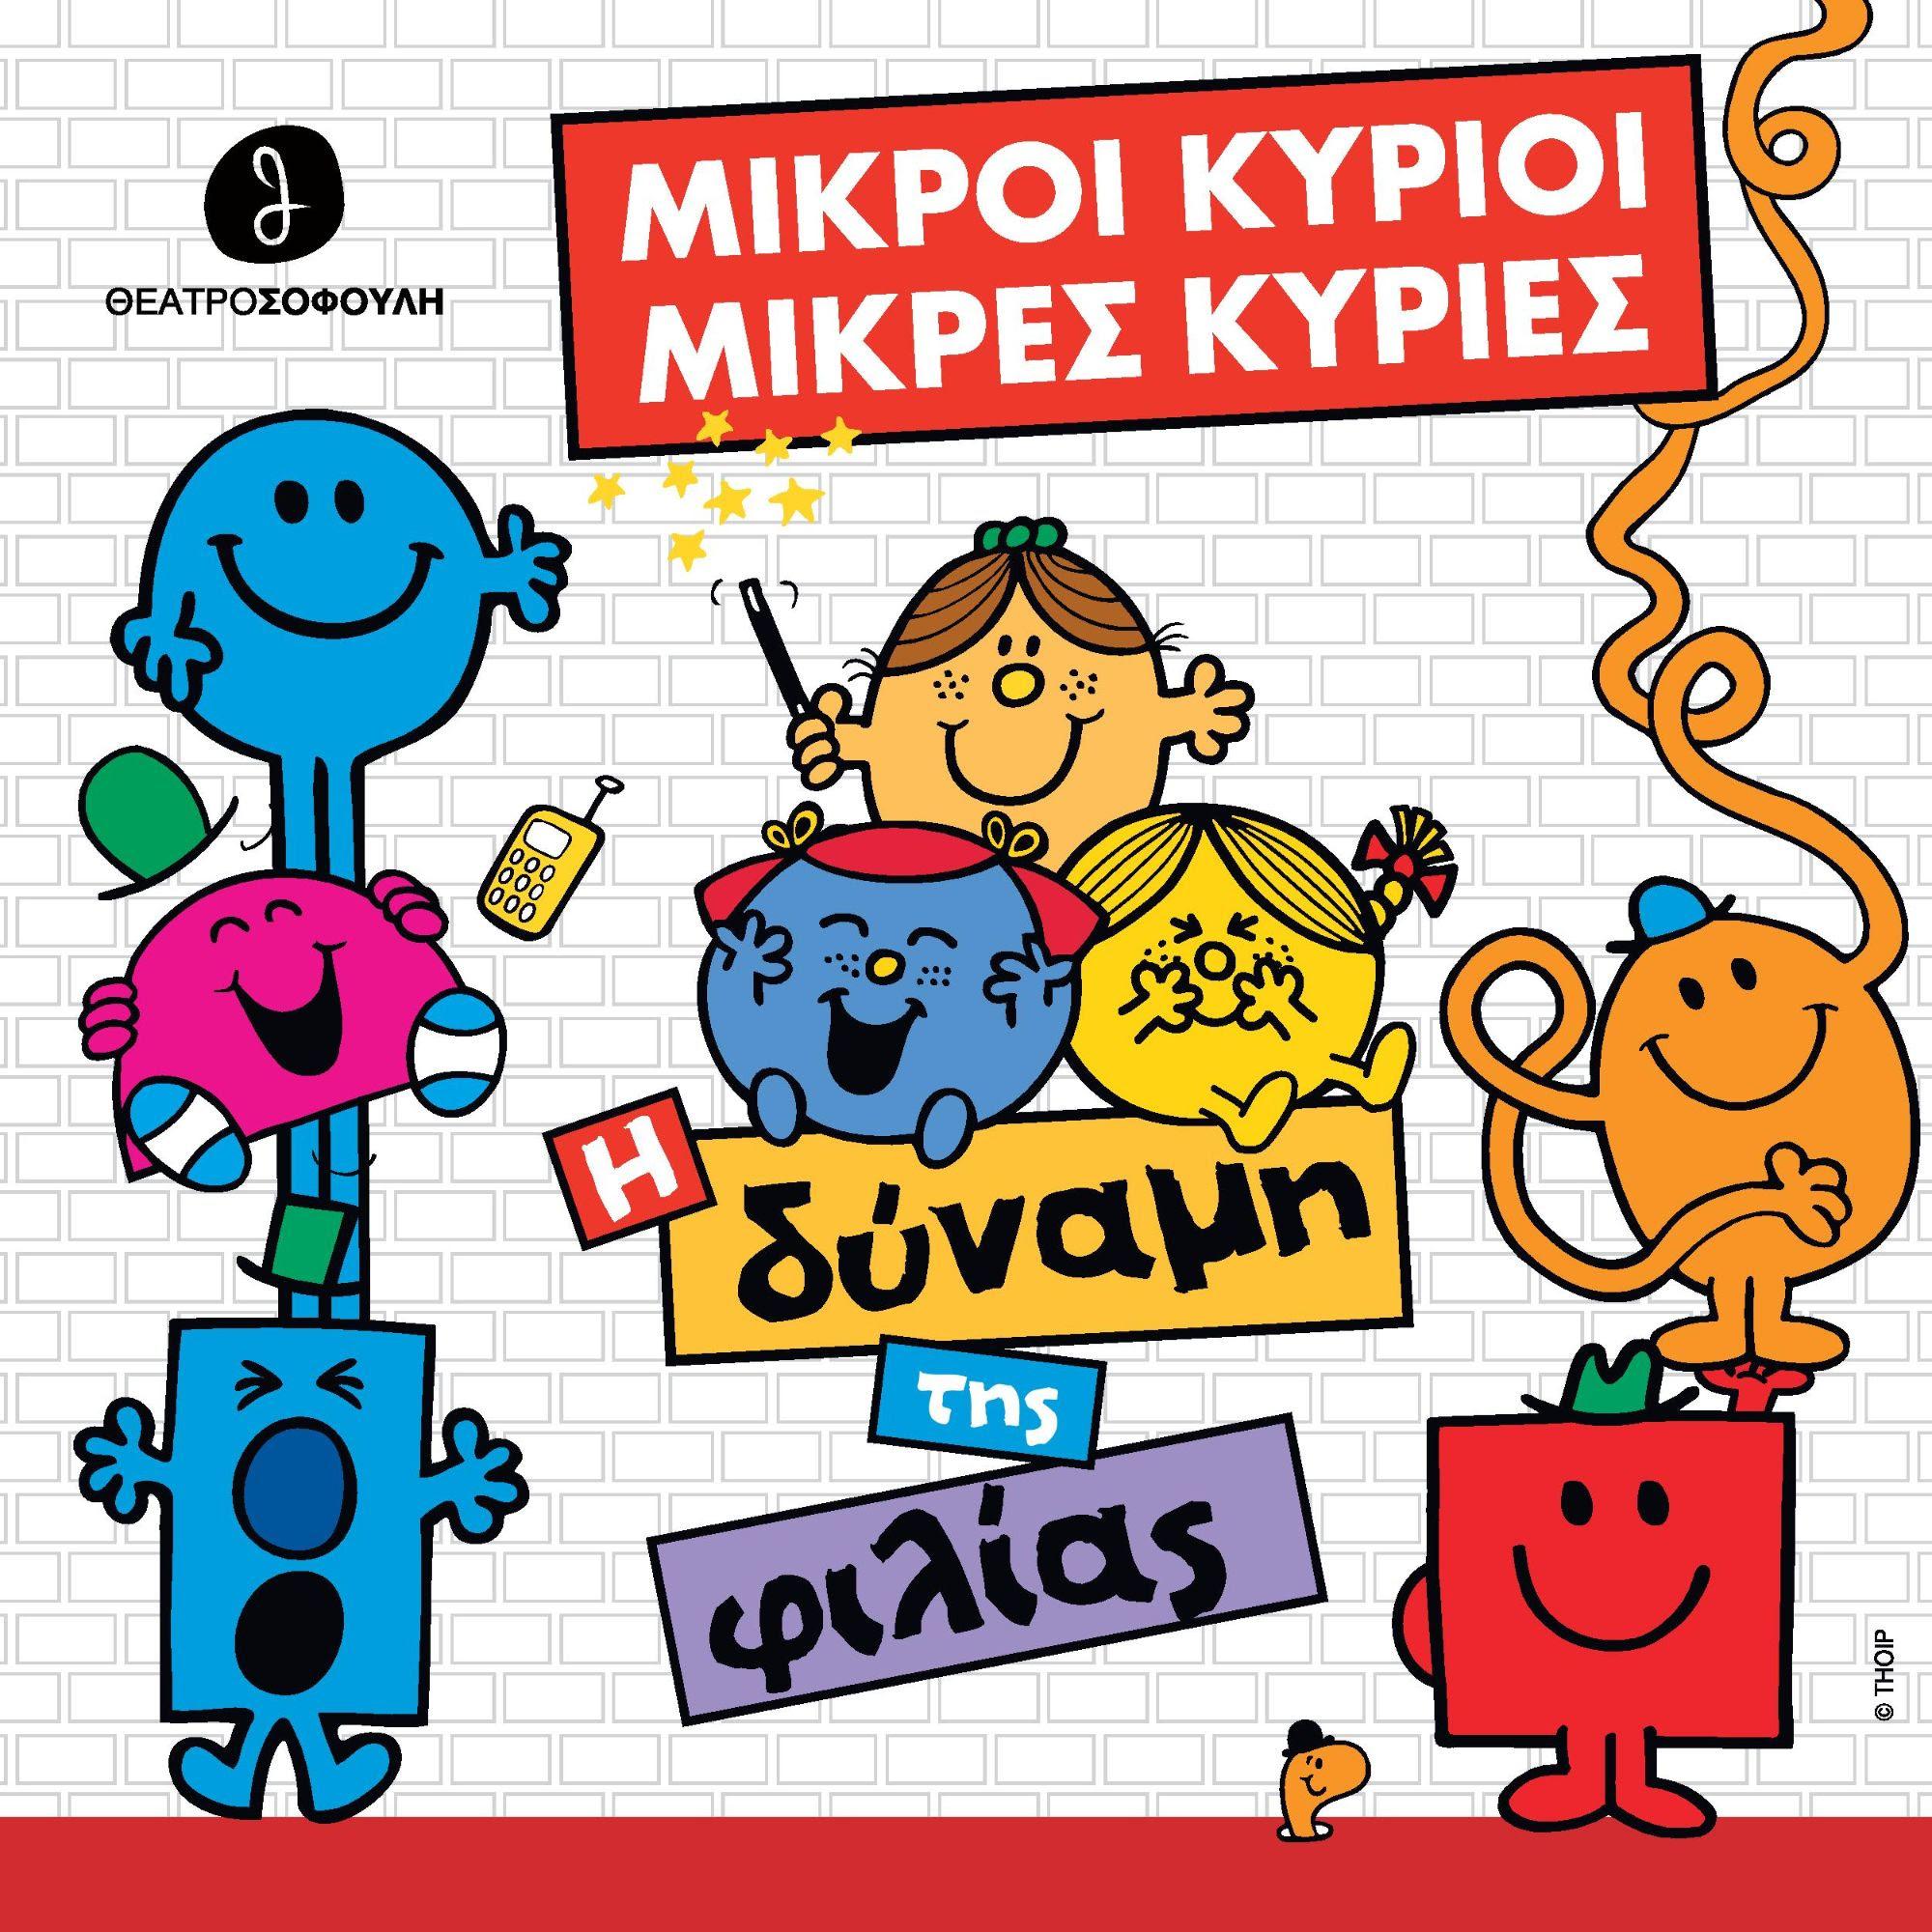 Παιδικά γενέθλια στο Θέατρο Σοφούλη